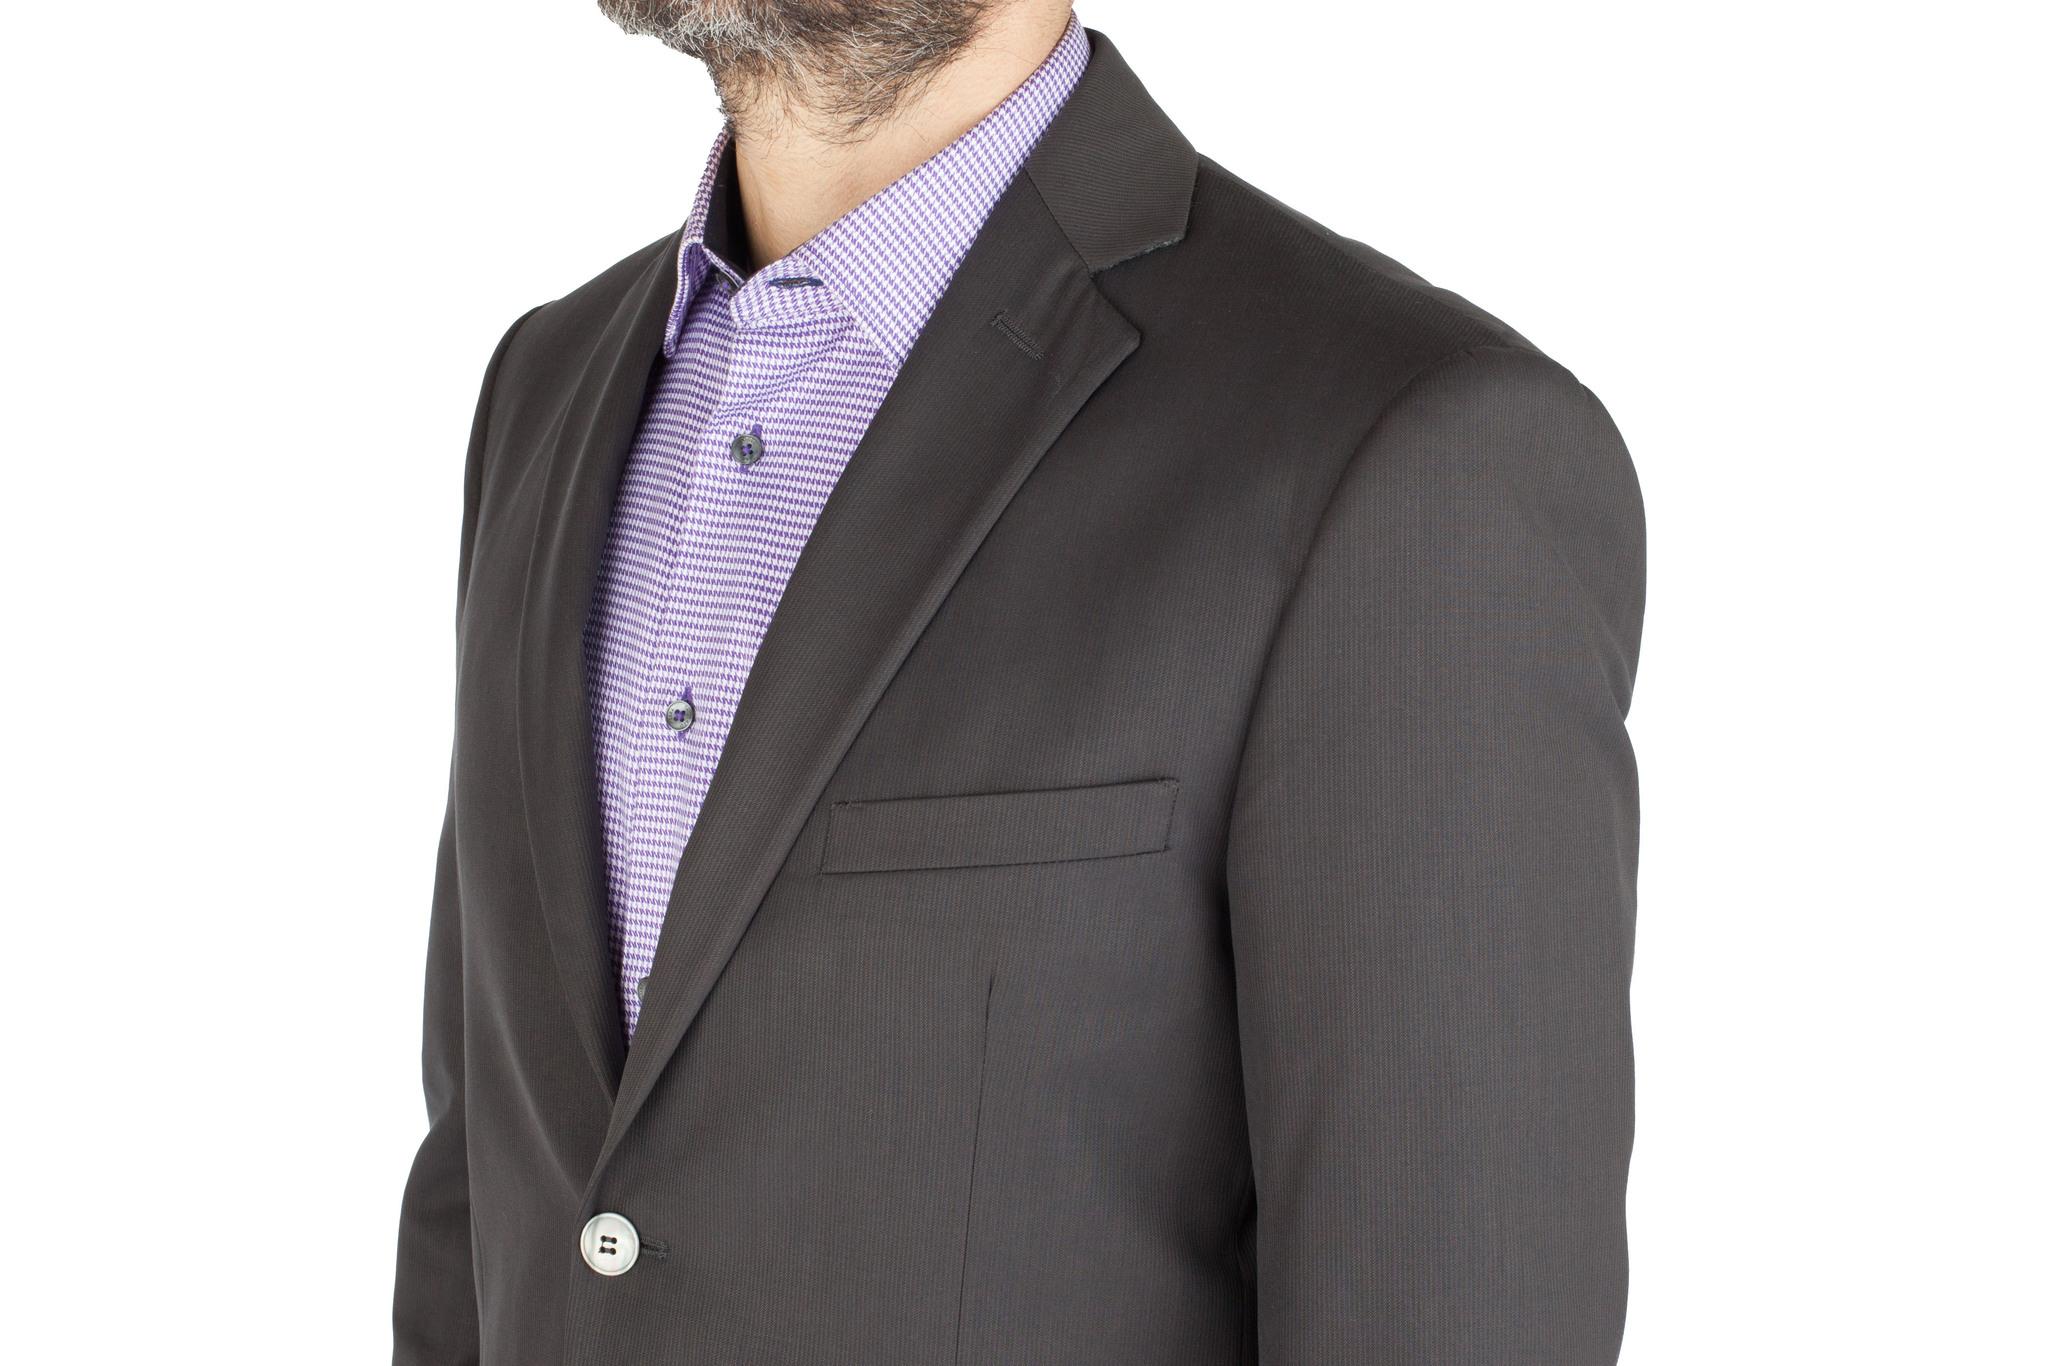 Тёмно-серый шерстяной костюм в еле заметную полоску, нагрудный карман